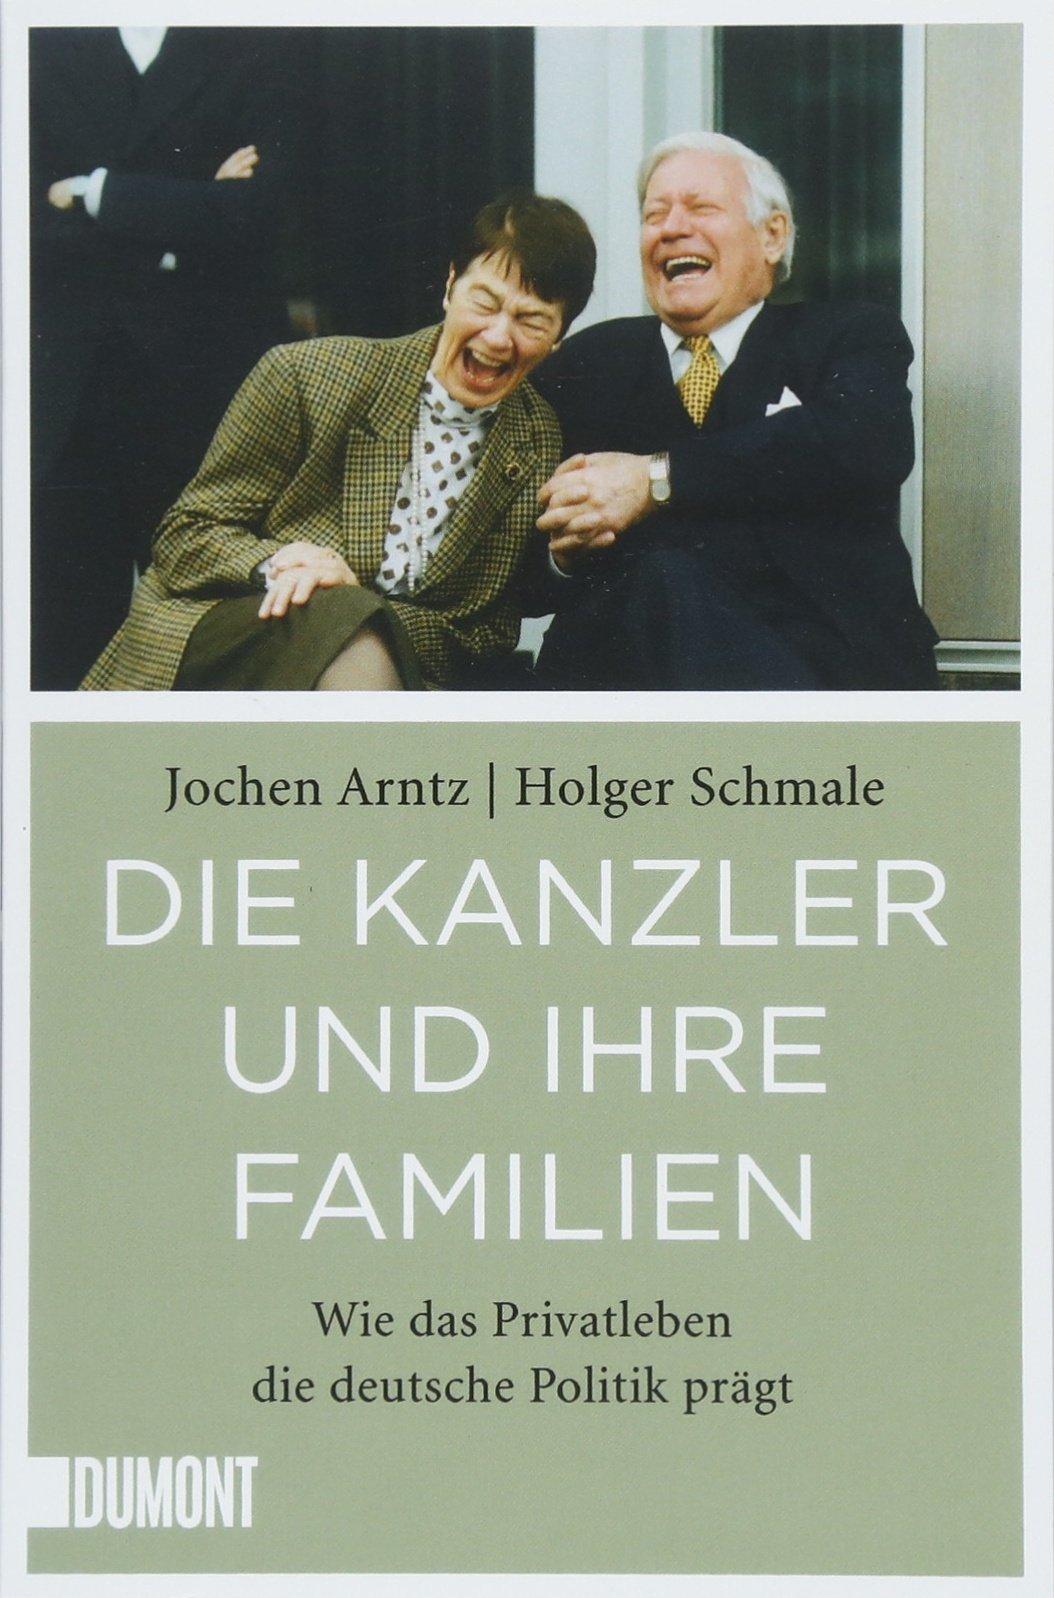 Die Kanzler und ihre Familien: Wie das Privatleben die deutsche Politik prägt (Taschenbücher)